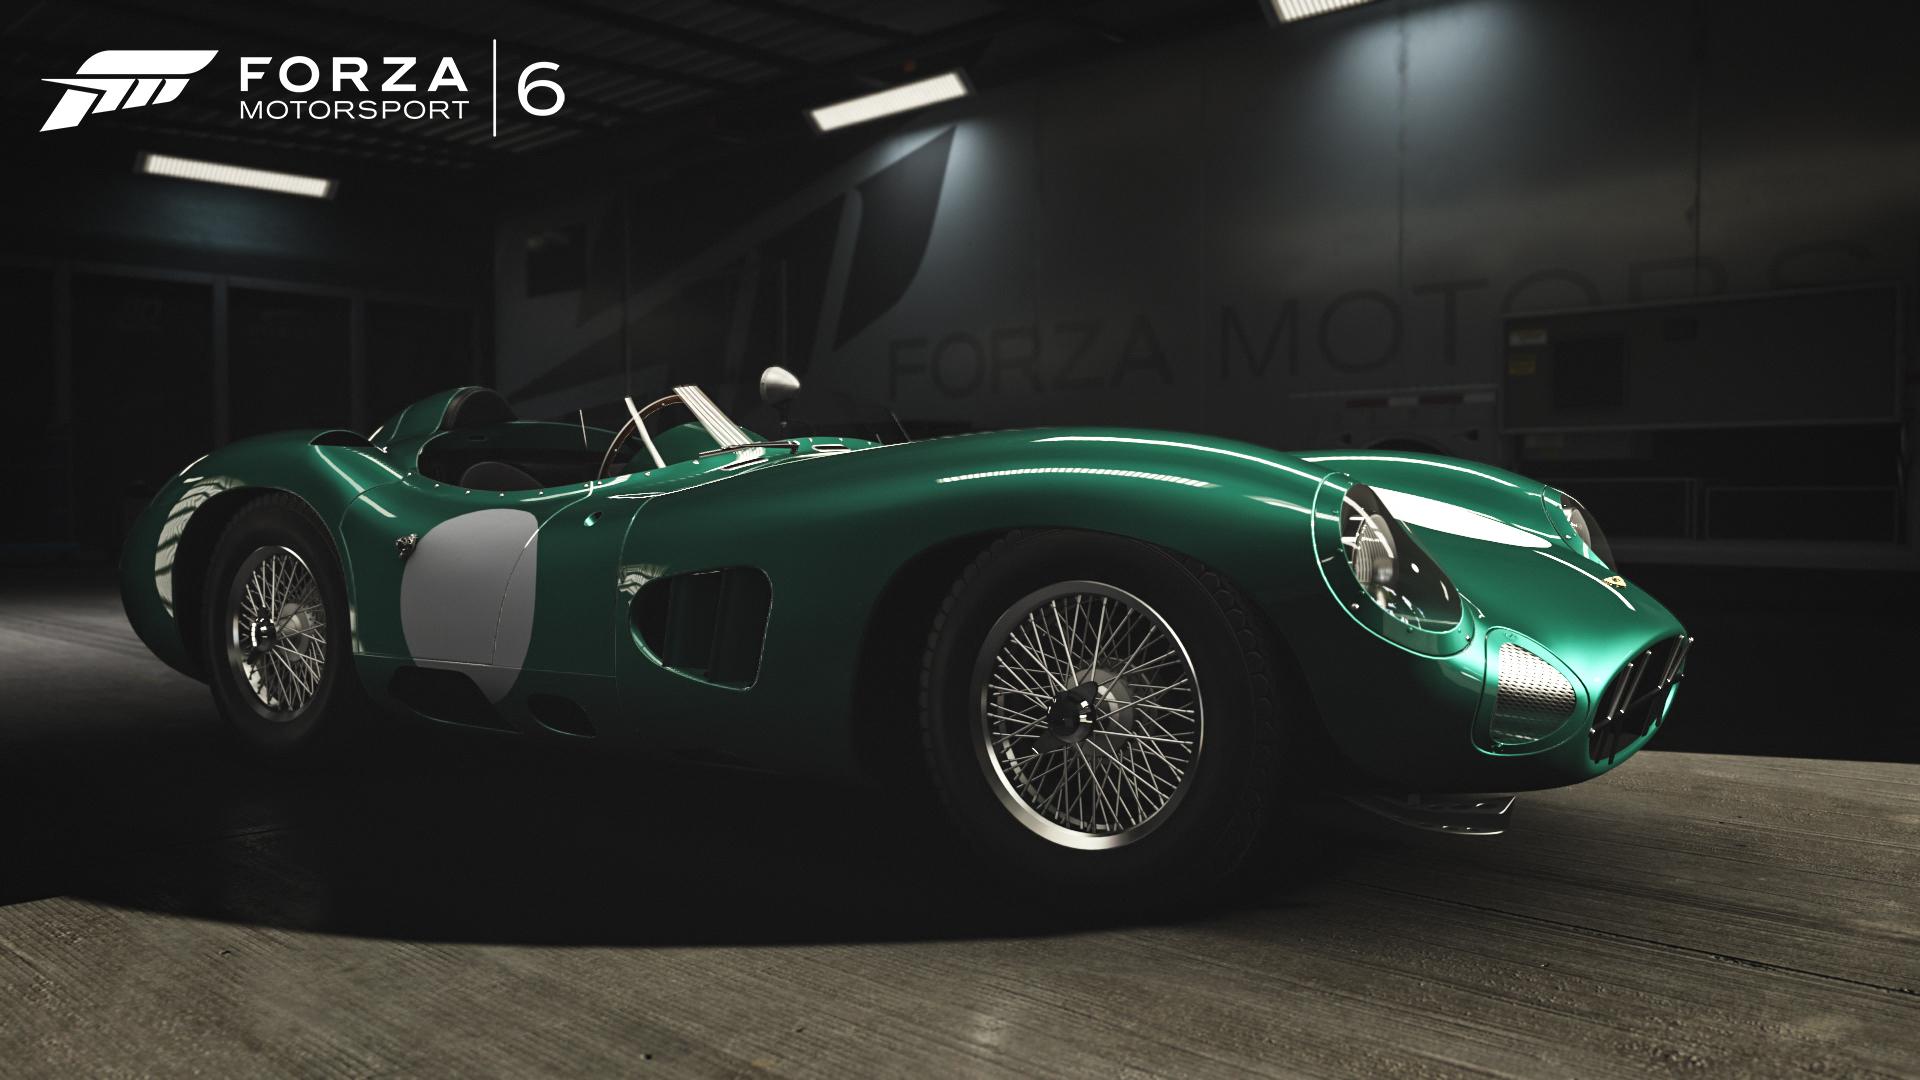 Forza Motorsport 6 - Jaguar classic car